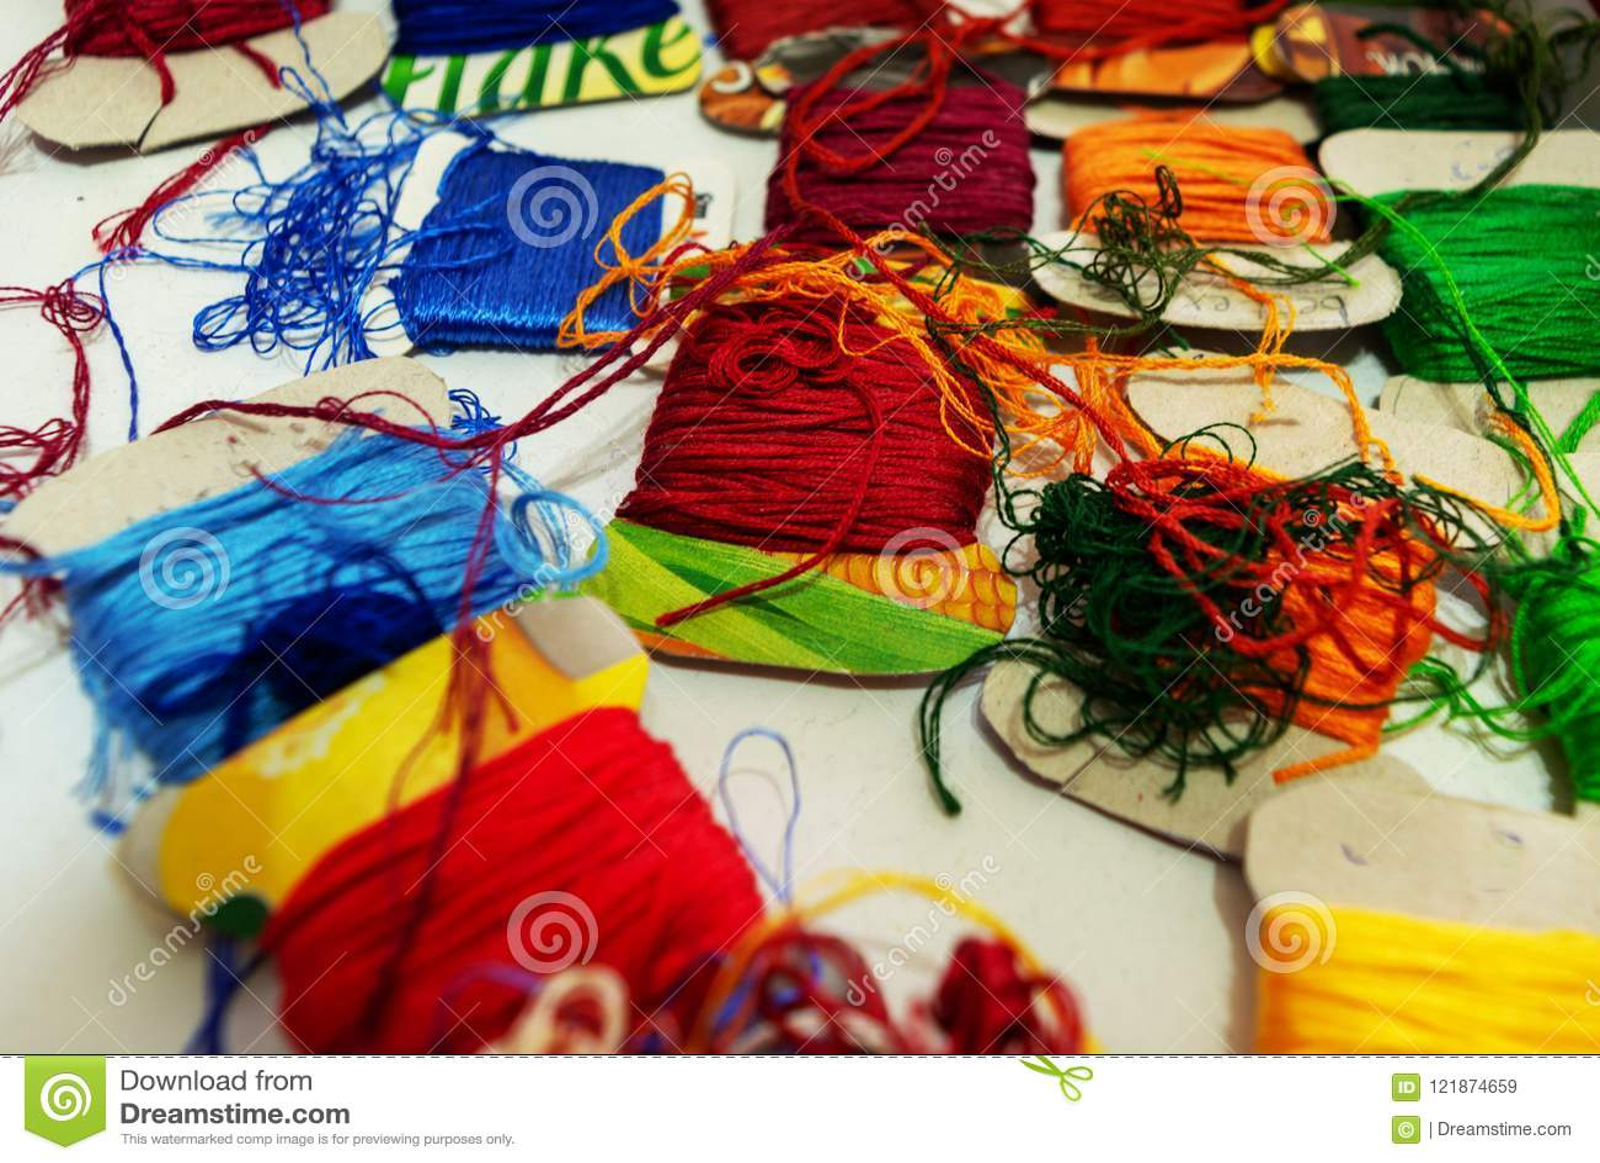 Close-up vele multicolored draden op karton